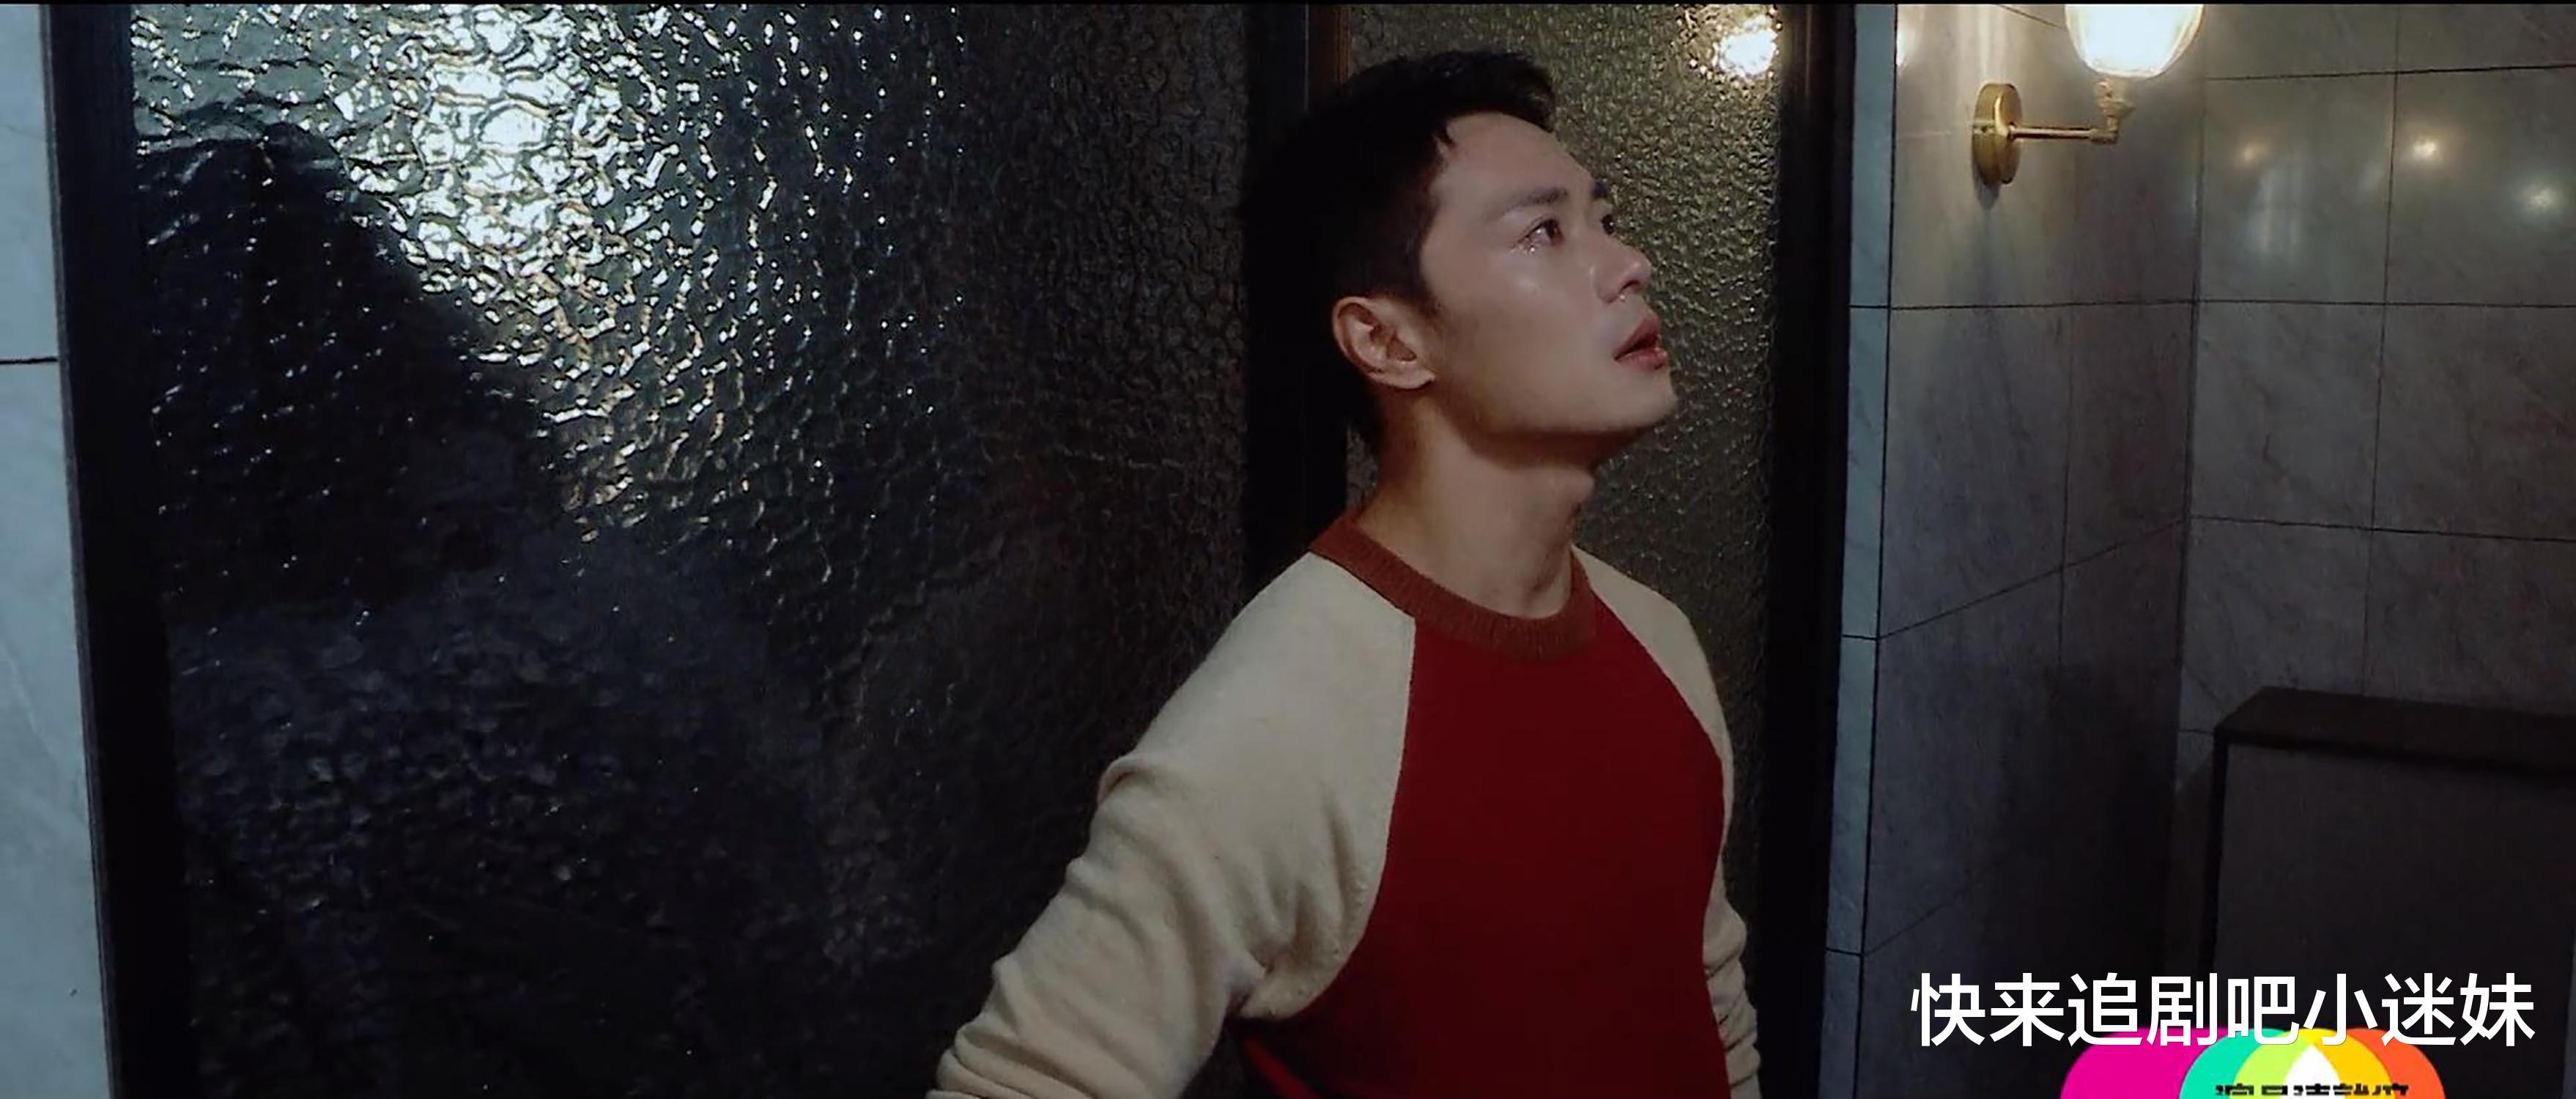 《演員2》90年代首席童星曹駿, 被問能否維持生活, 爾冬升太暖心-圖1